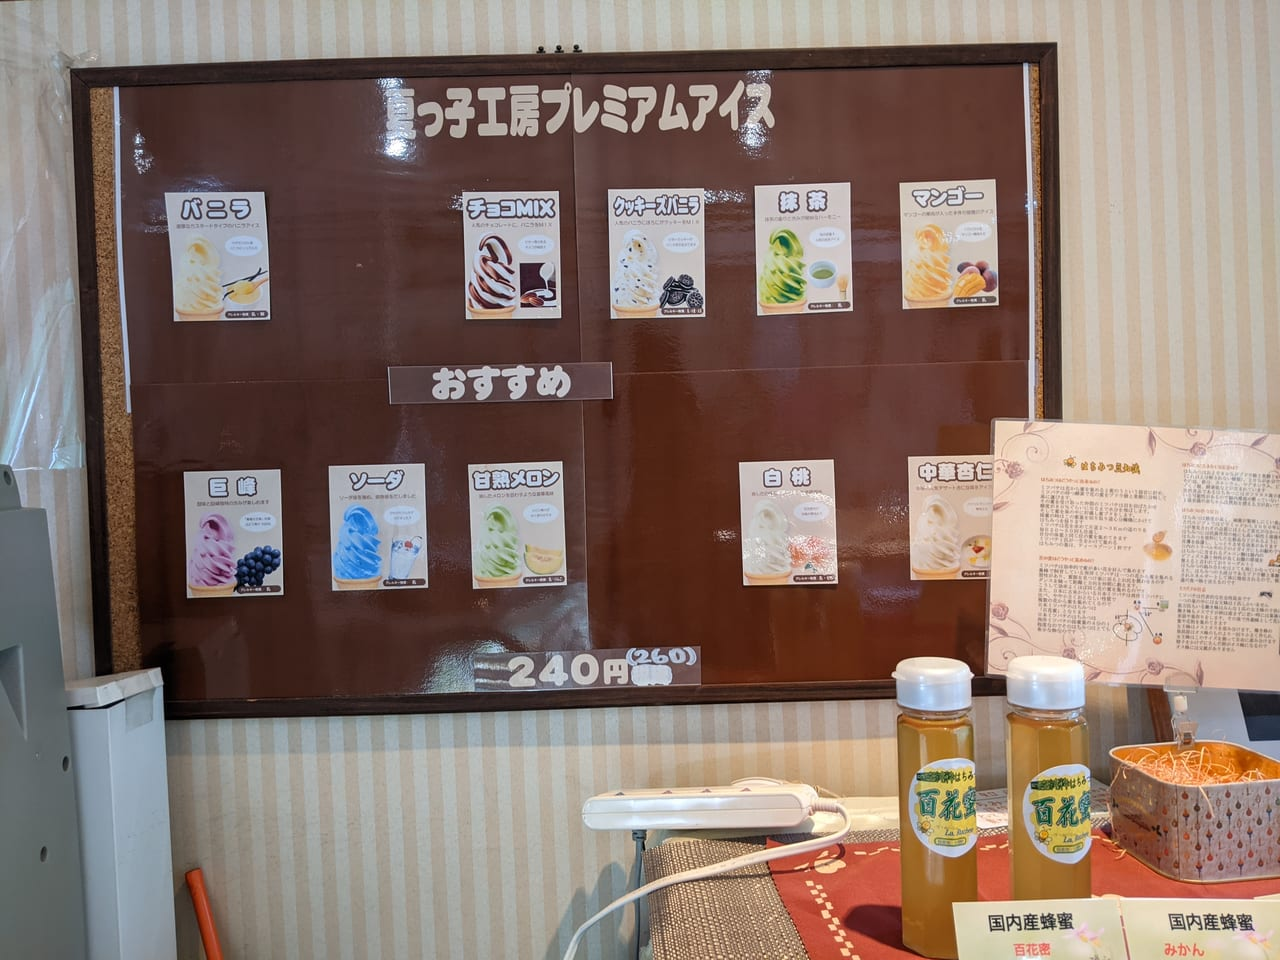 『夏っ子工房』ソフトクリームメニュー